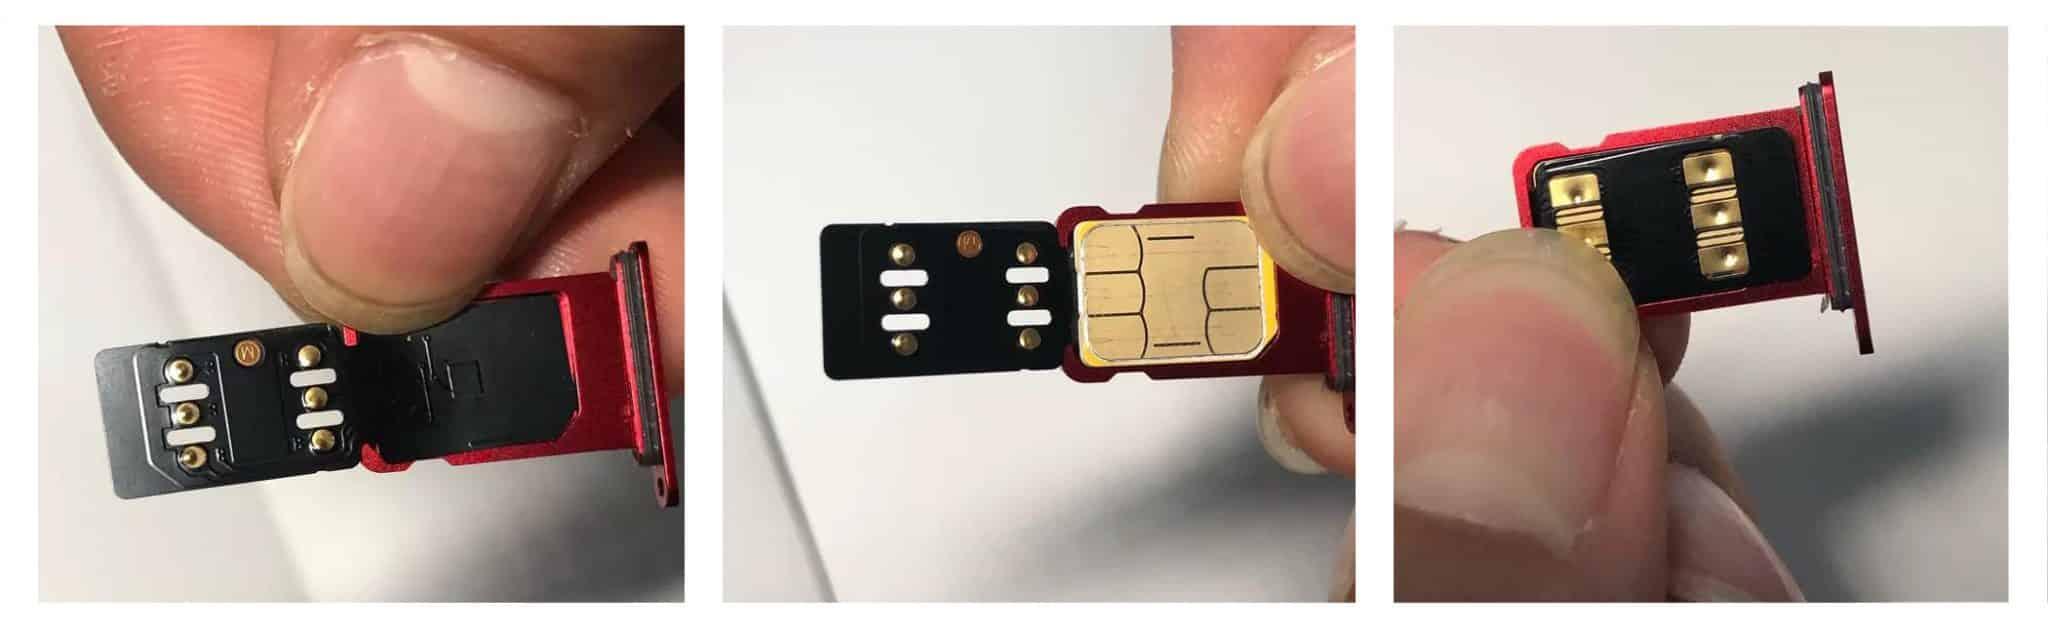 How toinstall R-sim 15 unlock card